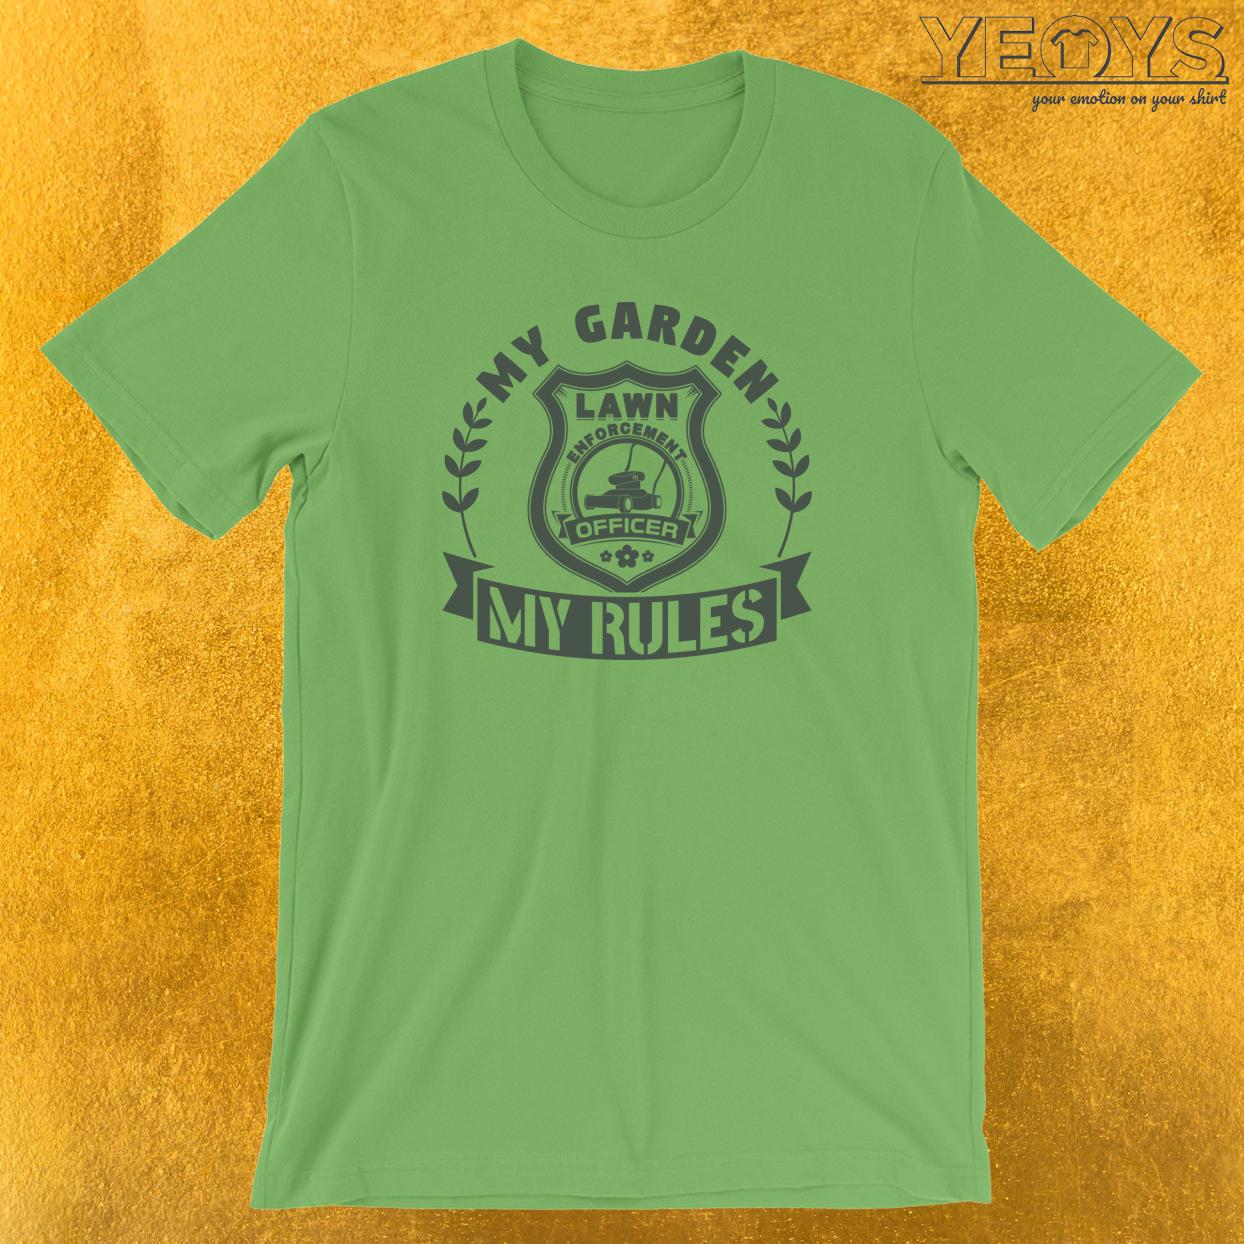 My Garden My Rules Lawn Enforcement Officer T-Shirt